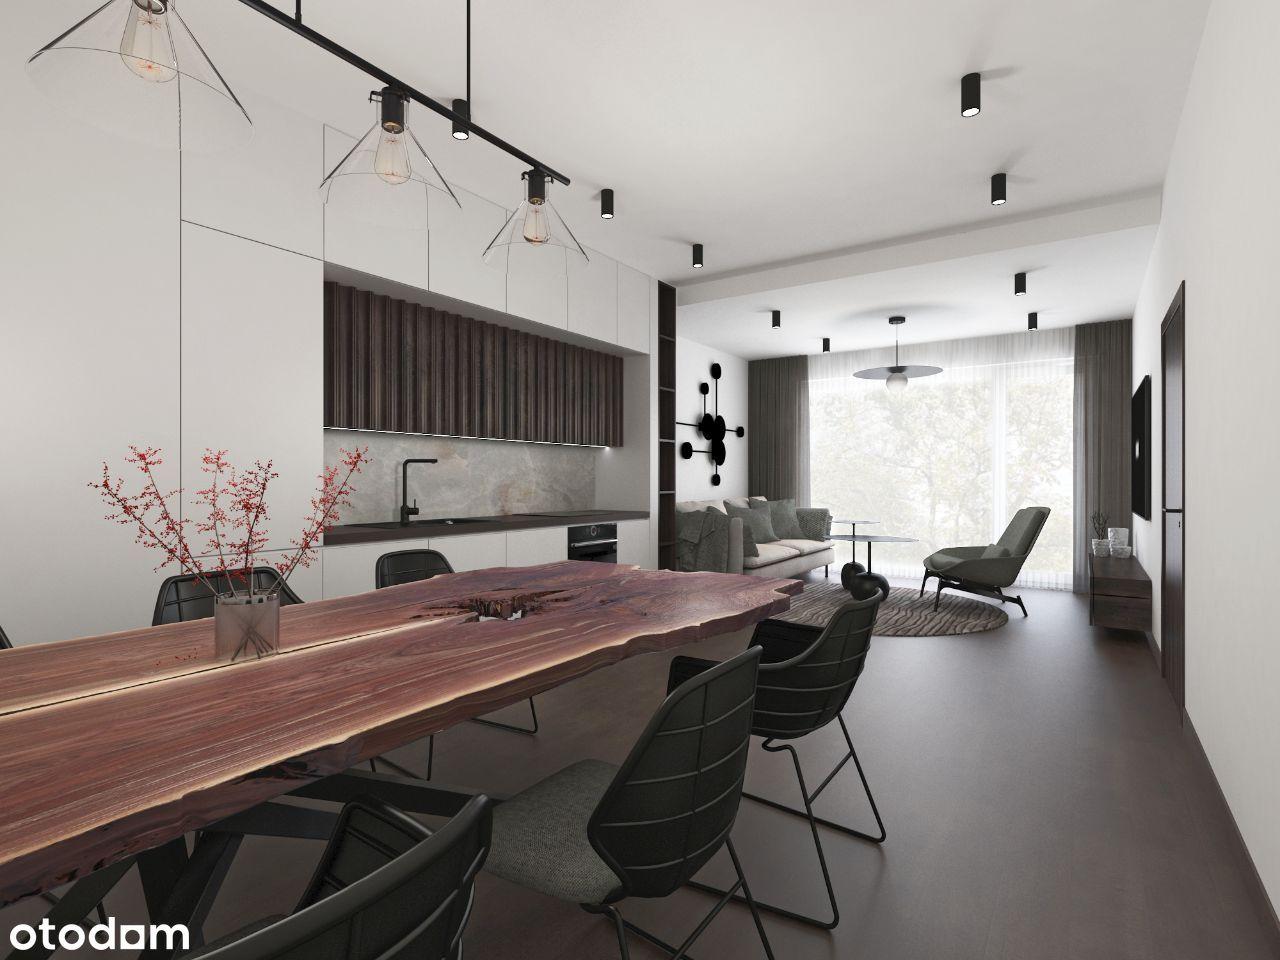 Apartament 2-pokojowy 74,21 m2 z ogródkiem